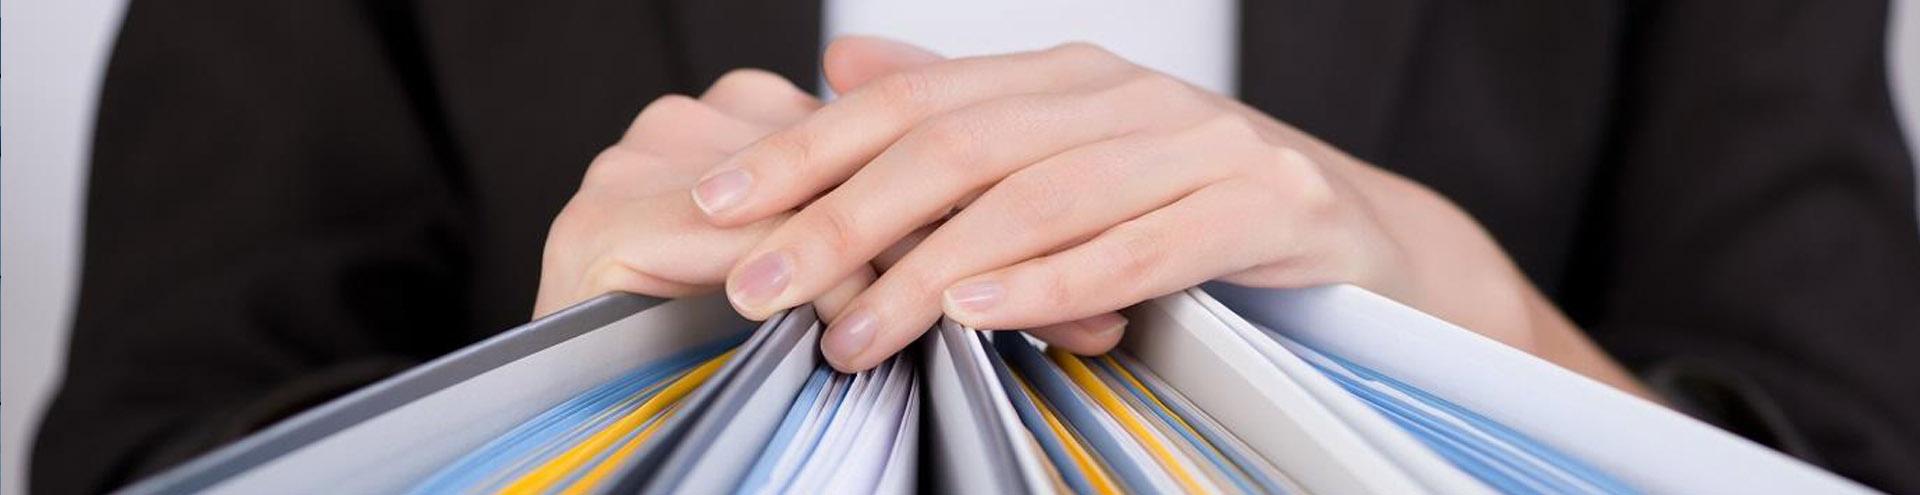 Подготовка арбитражных документов в Оренбурге и Оренбургской области